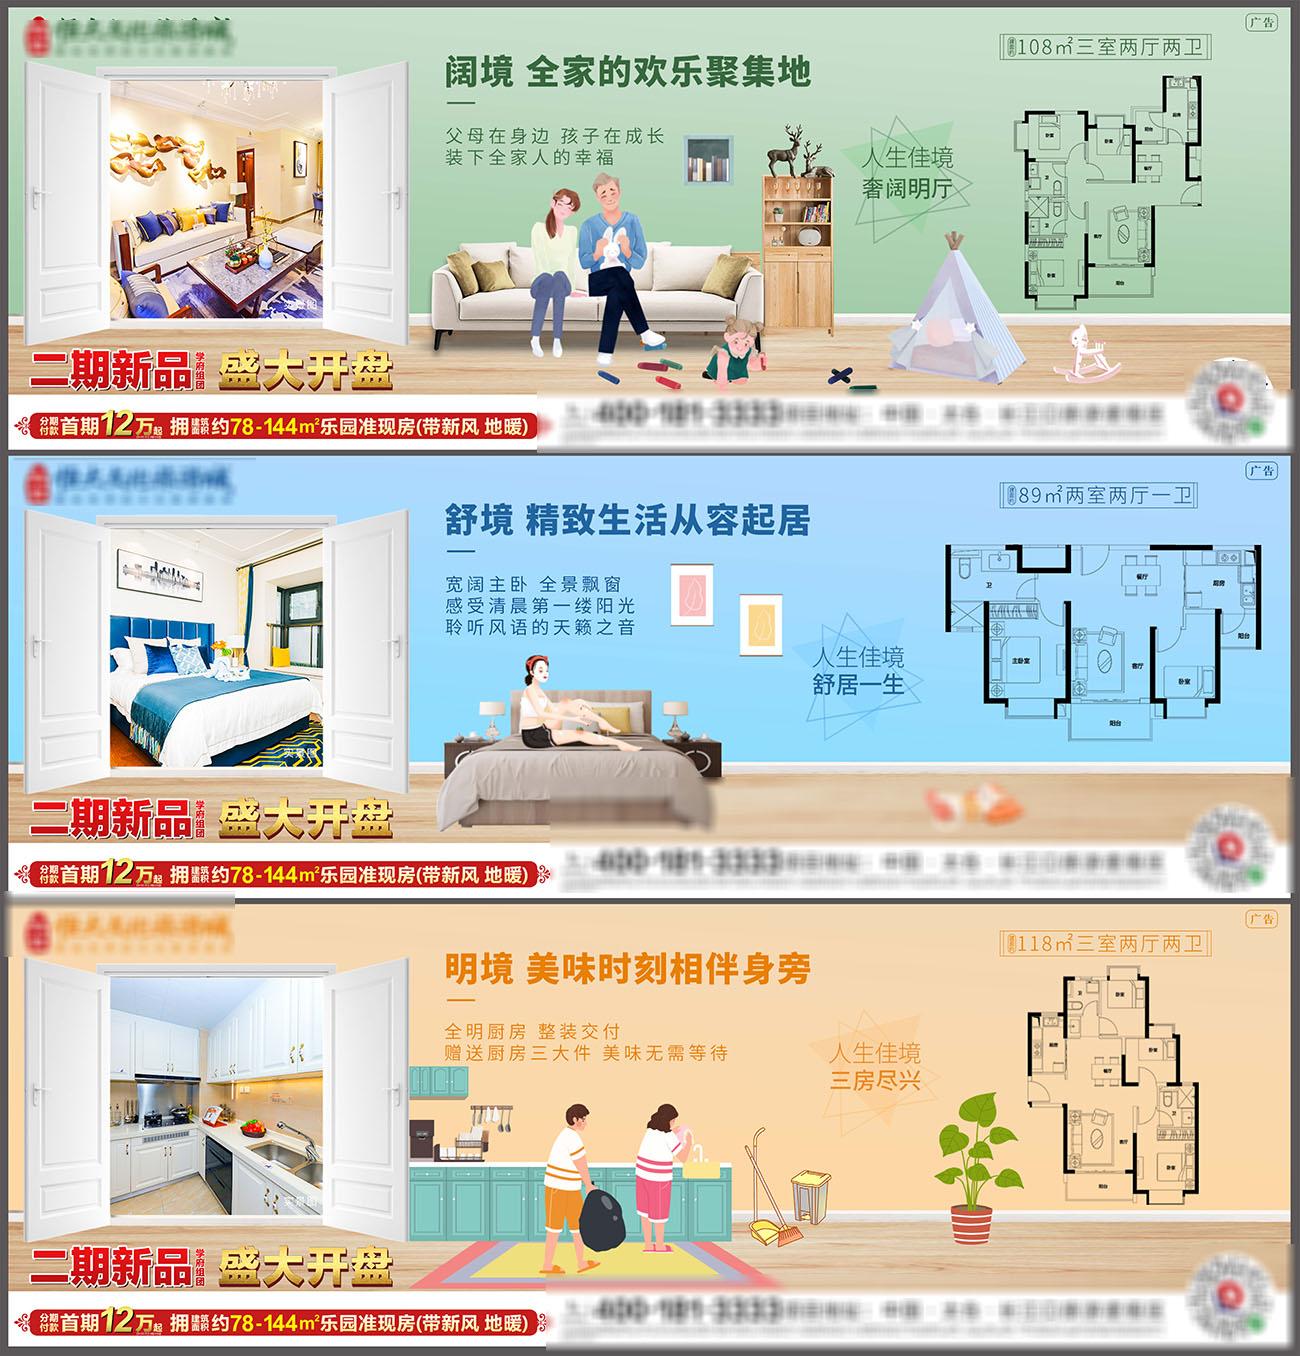 房地产户型价值点插画系列海报PSD源文件插图